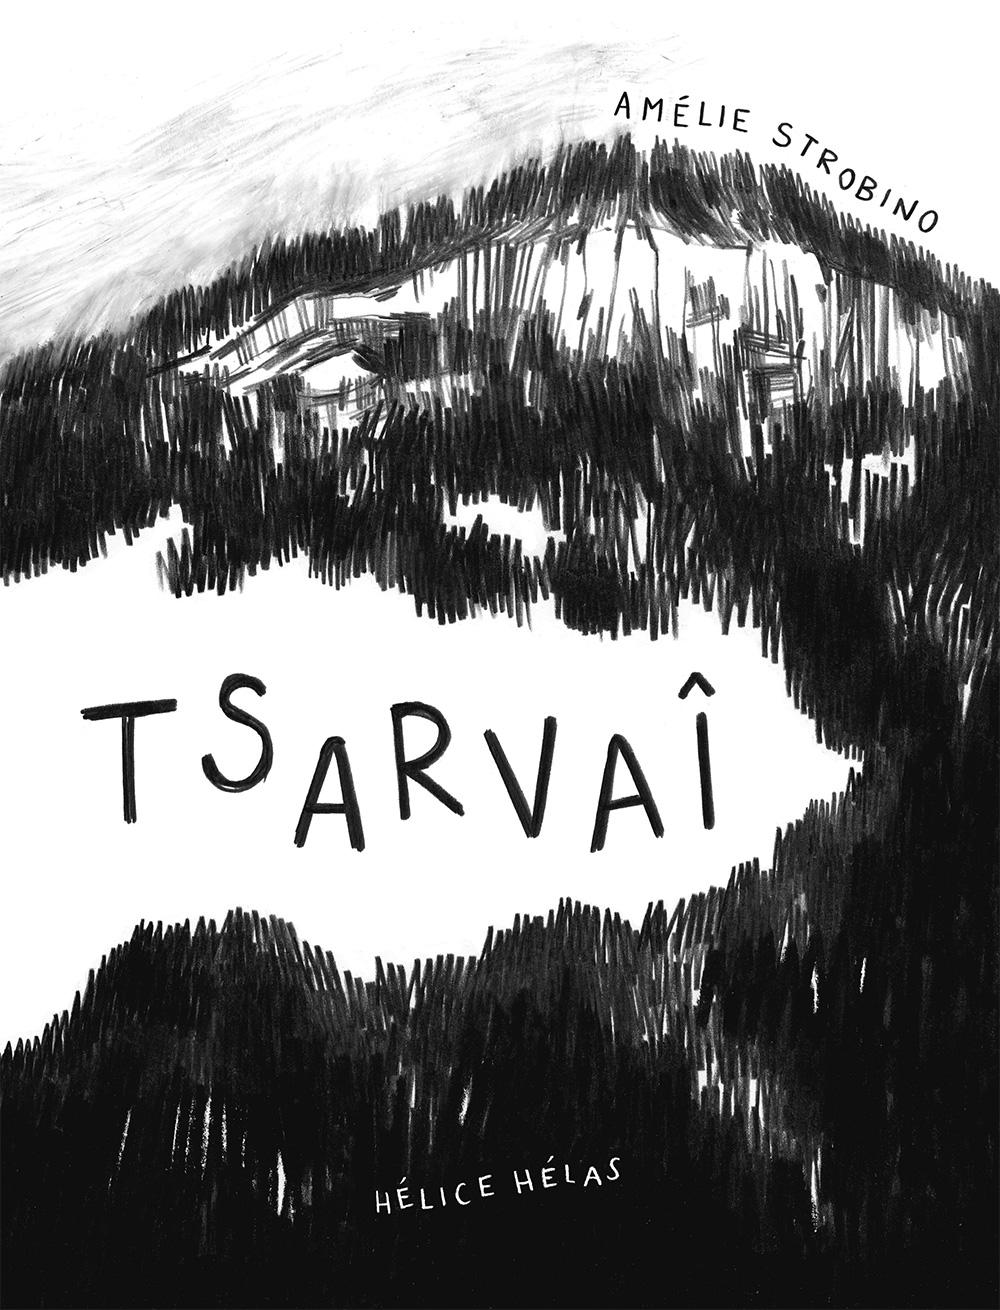 TsarvaiCouverture